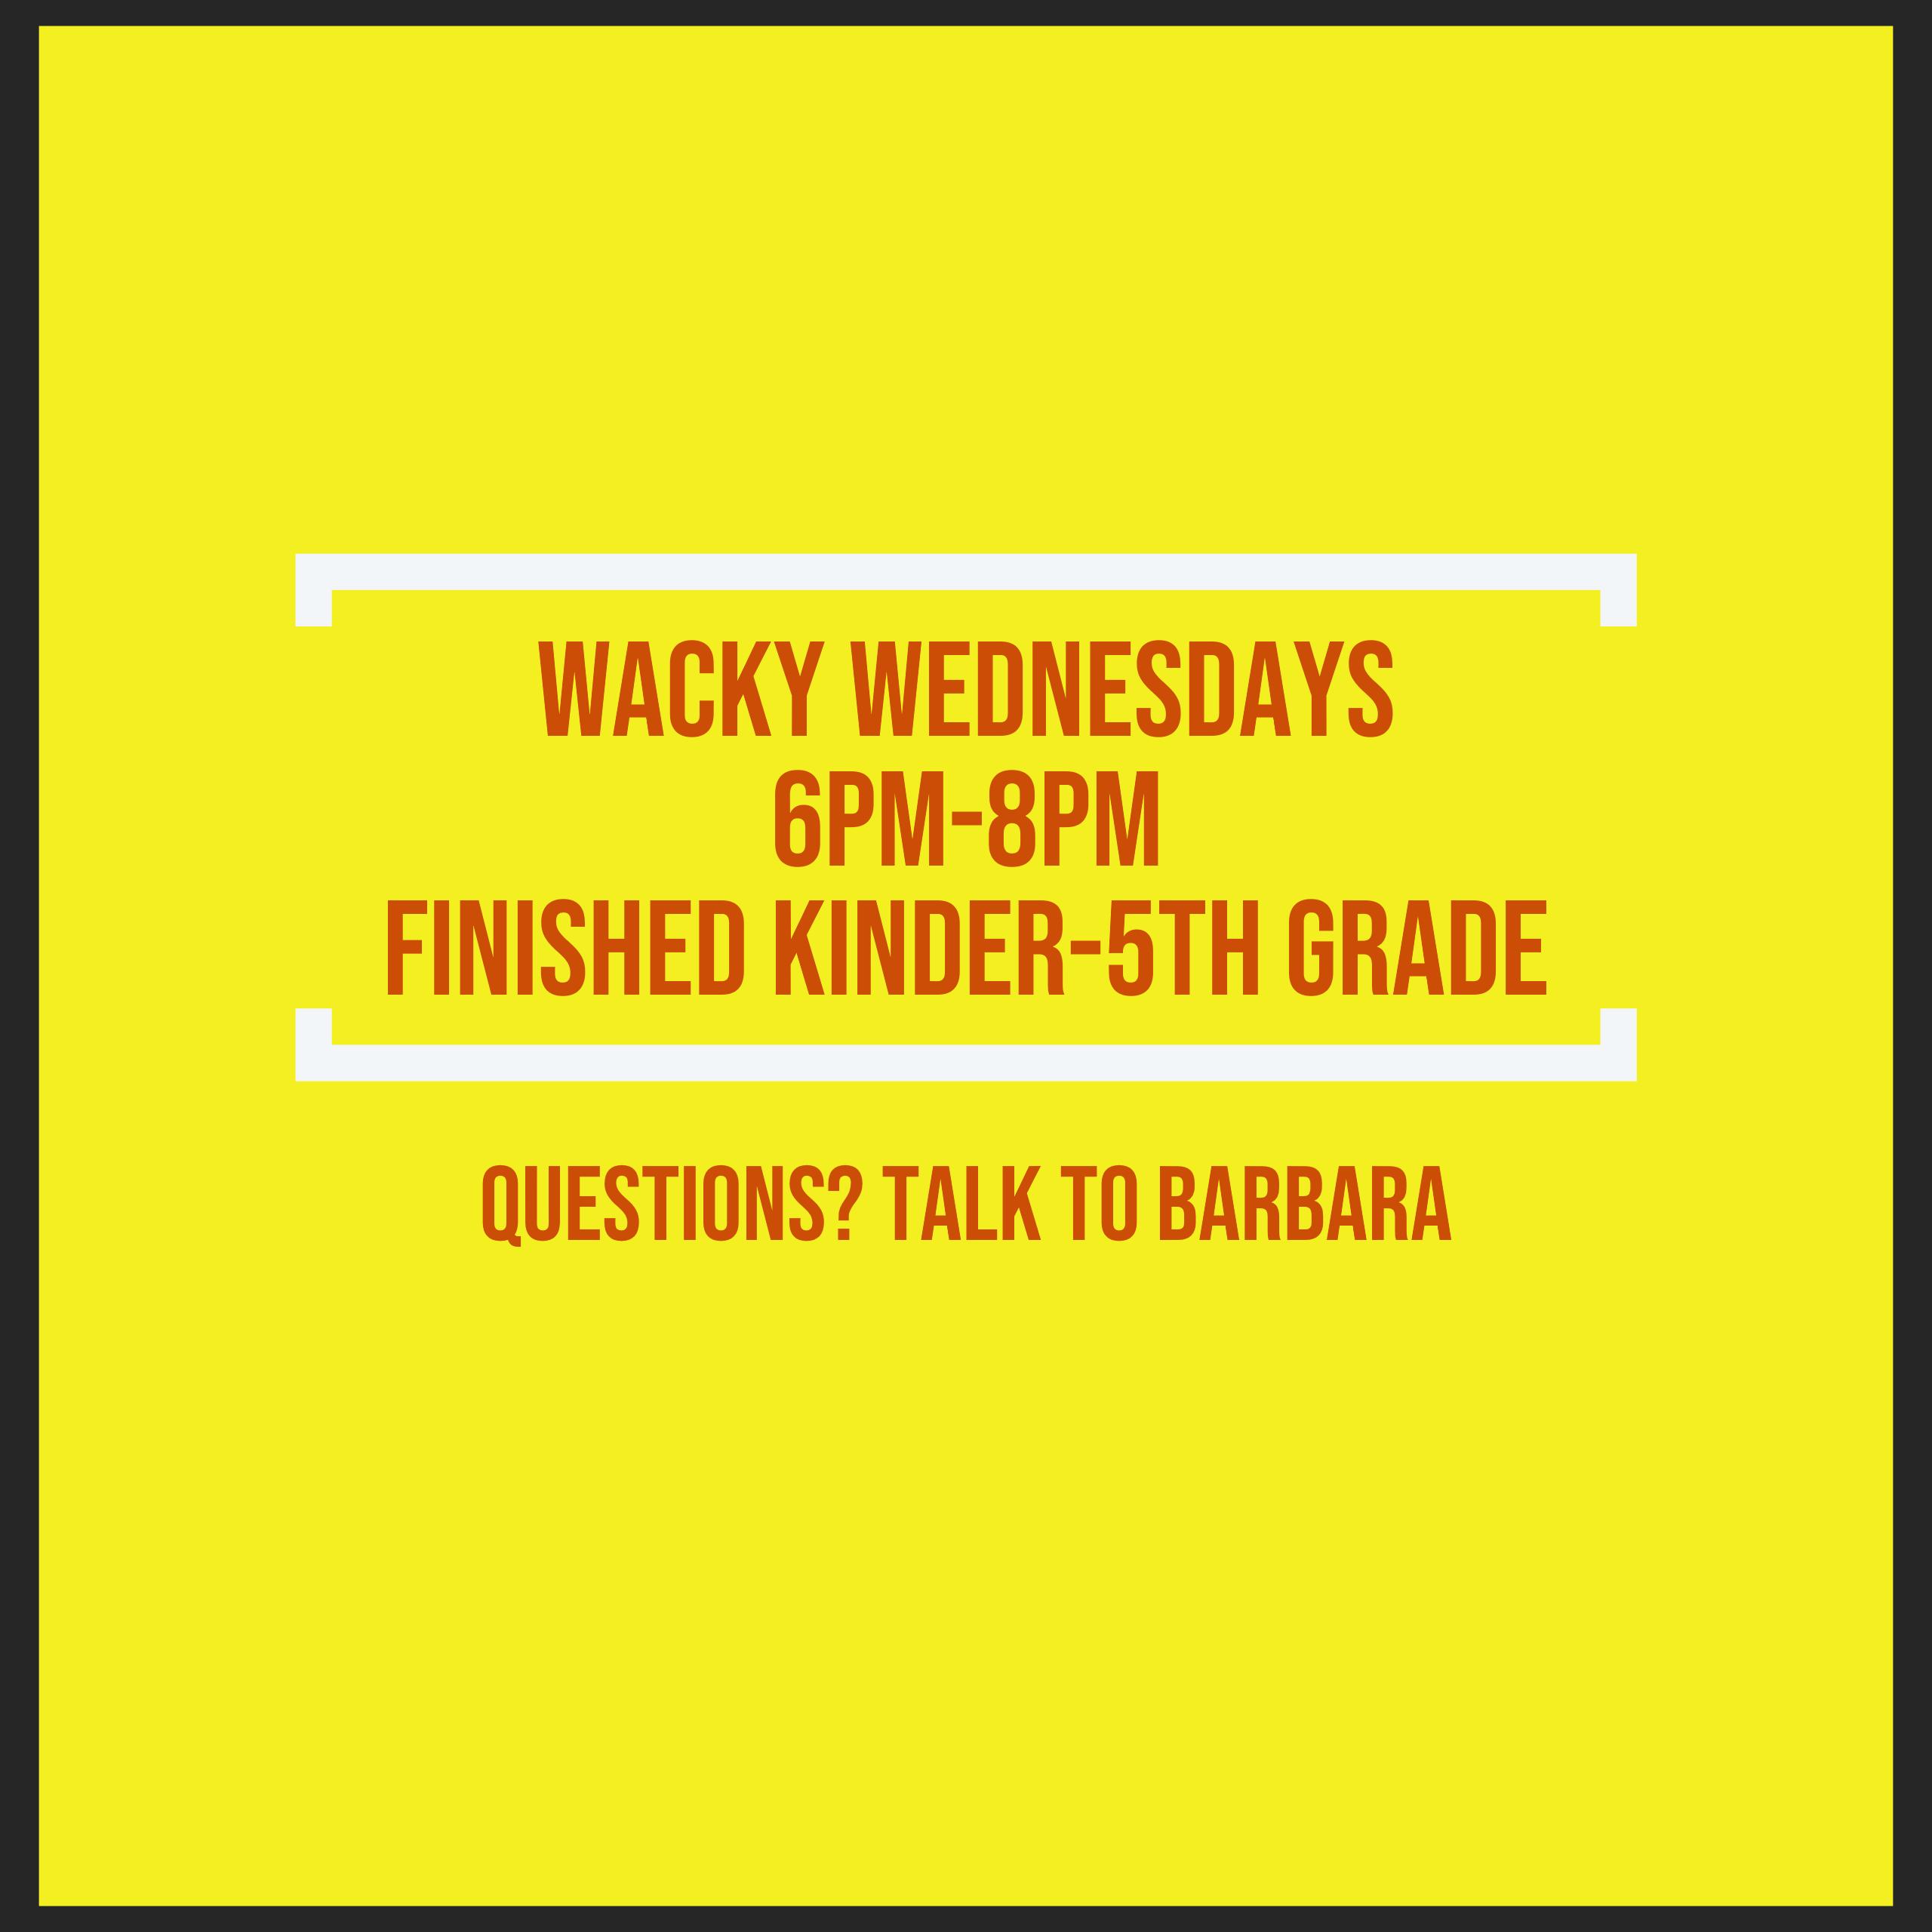 Wacky Wednesdays for Kids